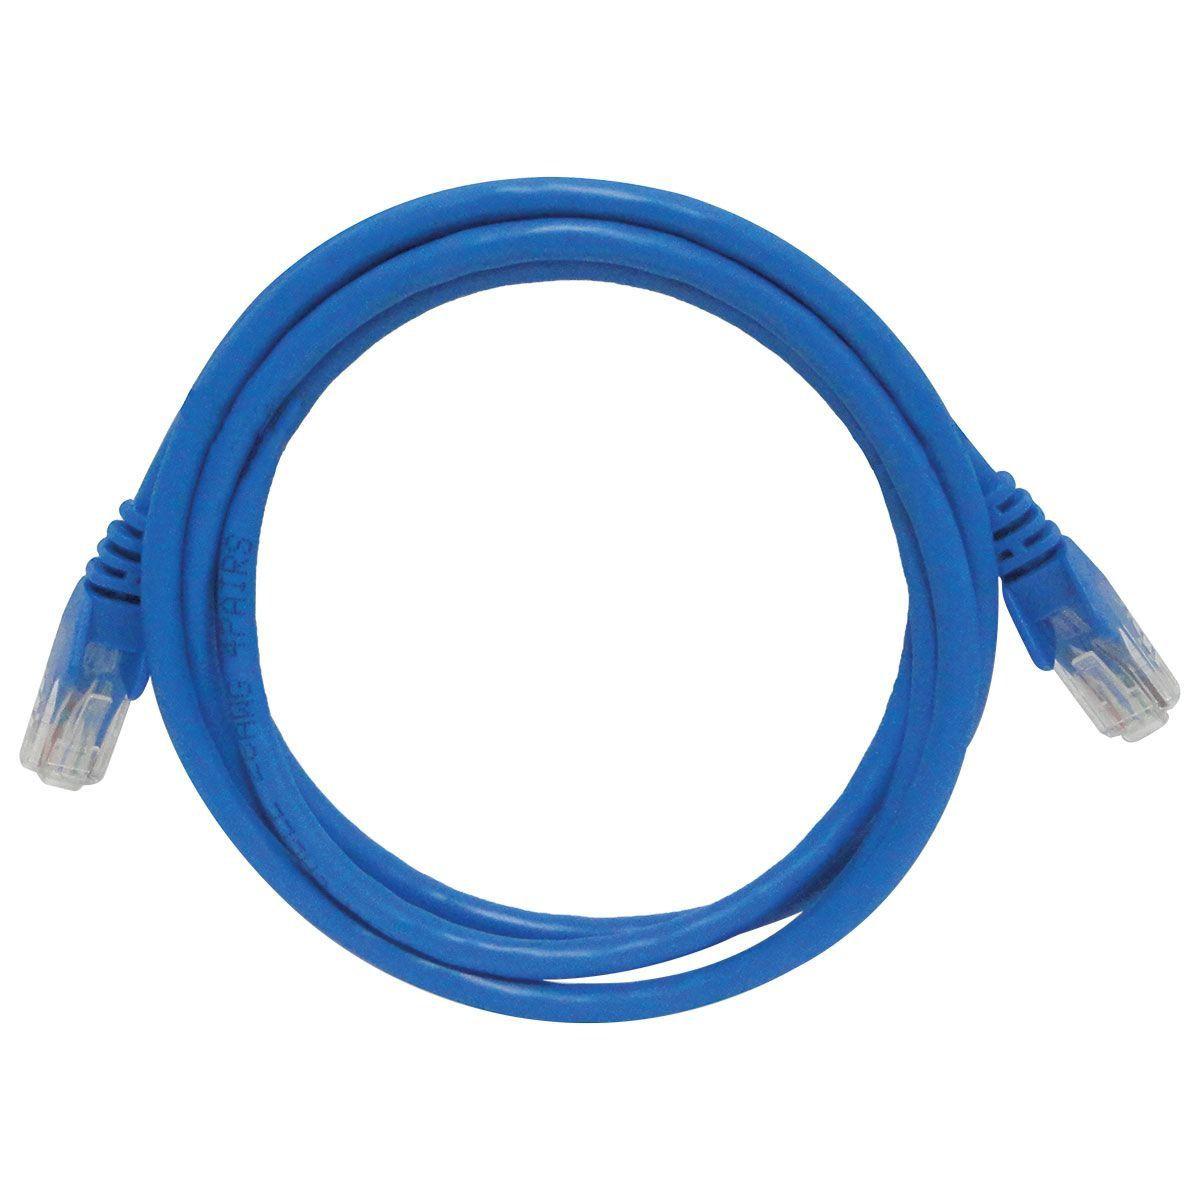 Patch Cord UTP CAT6 26AWG padrão 568B 1,5 Metros Azul 29582 - Seccon